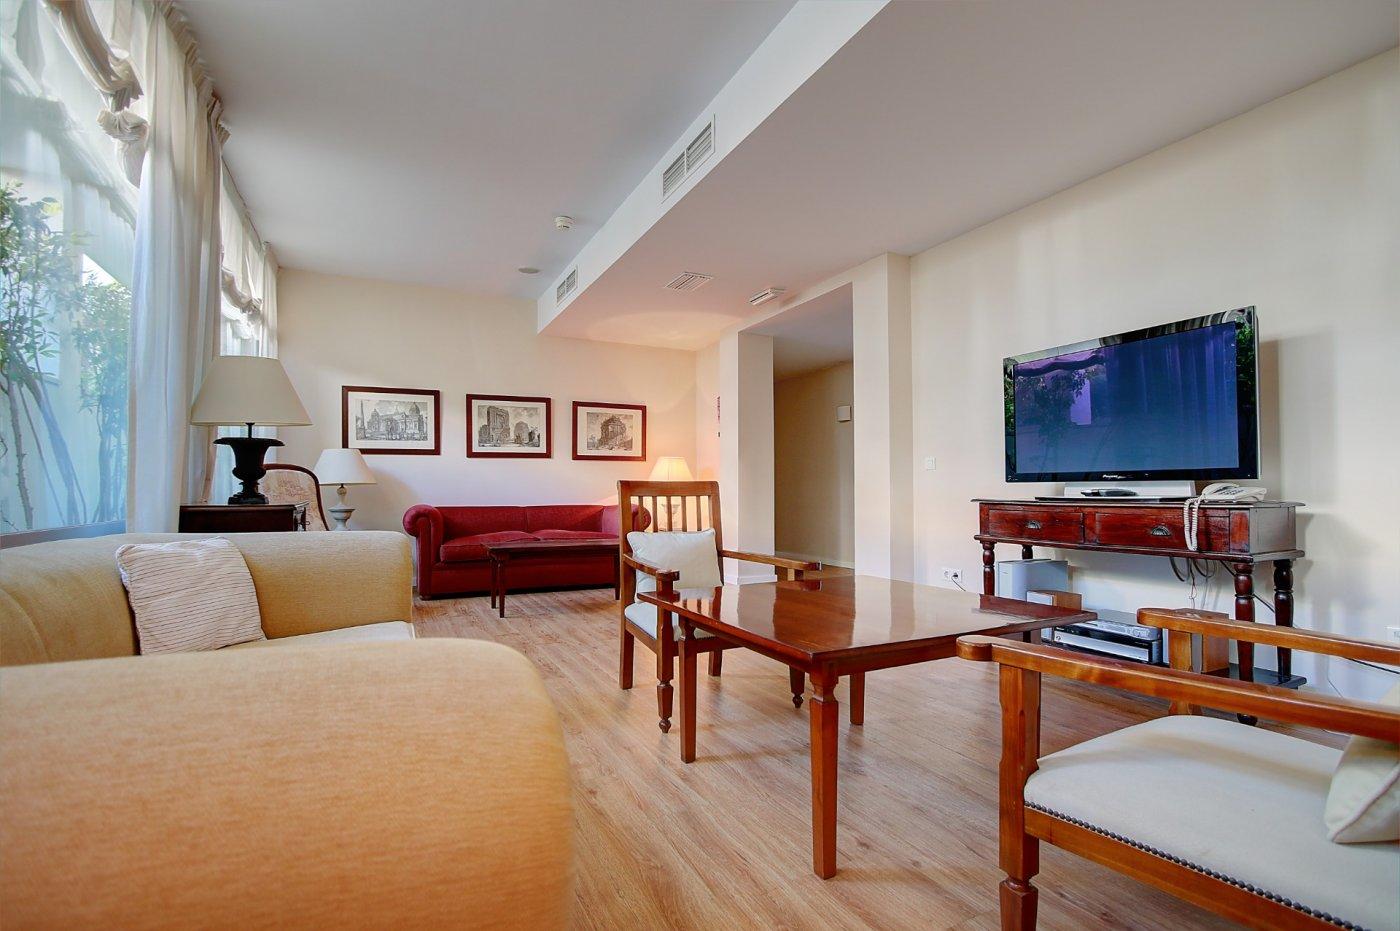 Apartamento en venta las arcadias - general riera. - imagenInmueble8